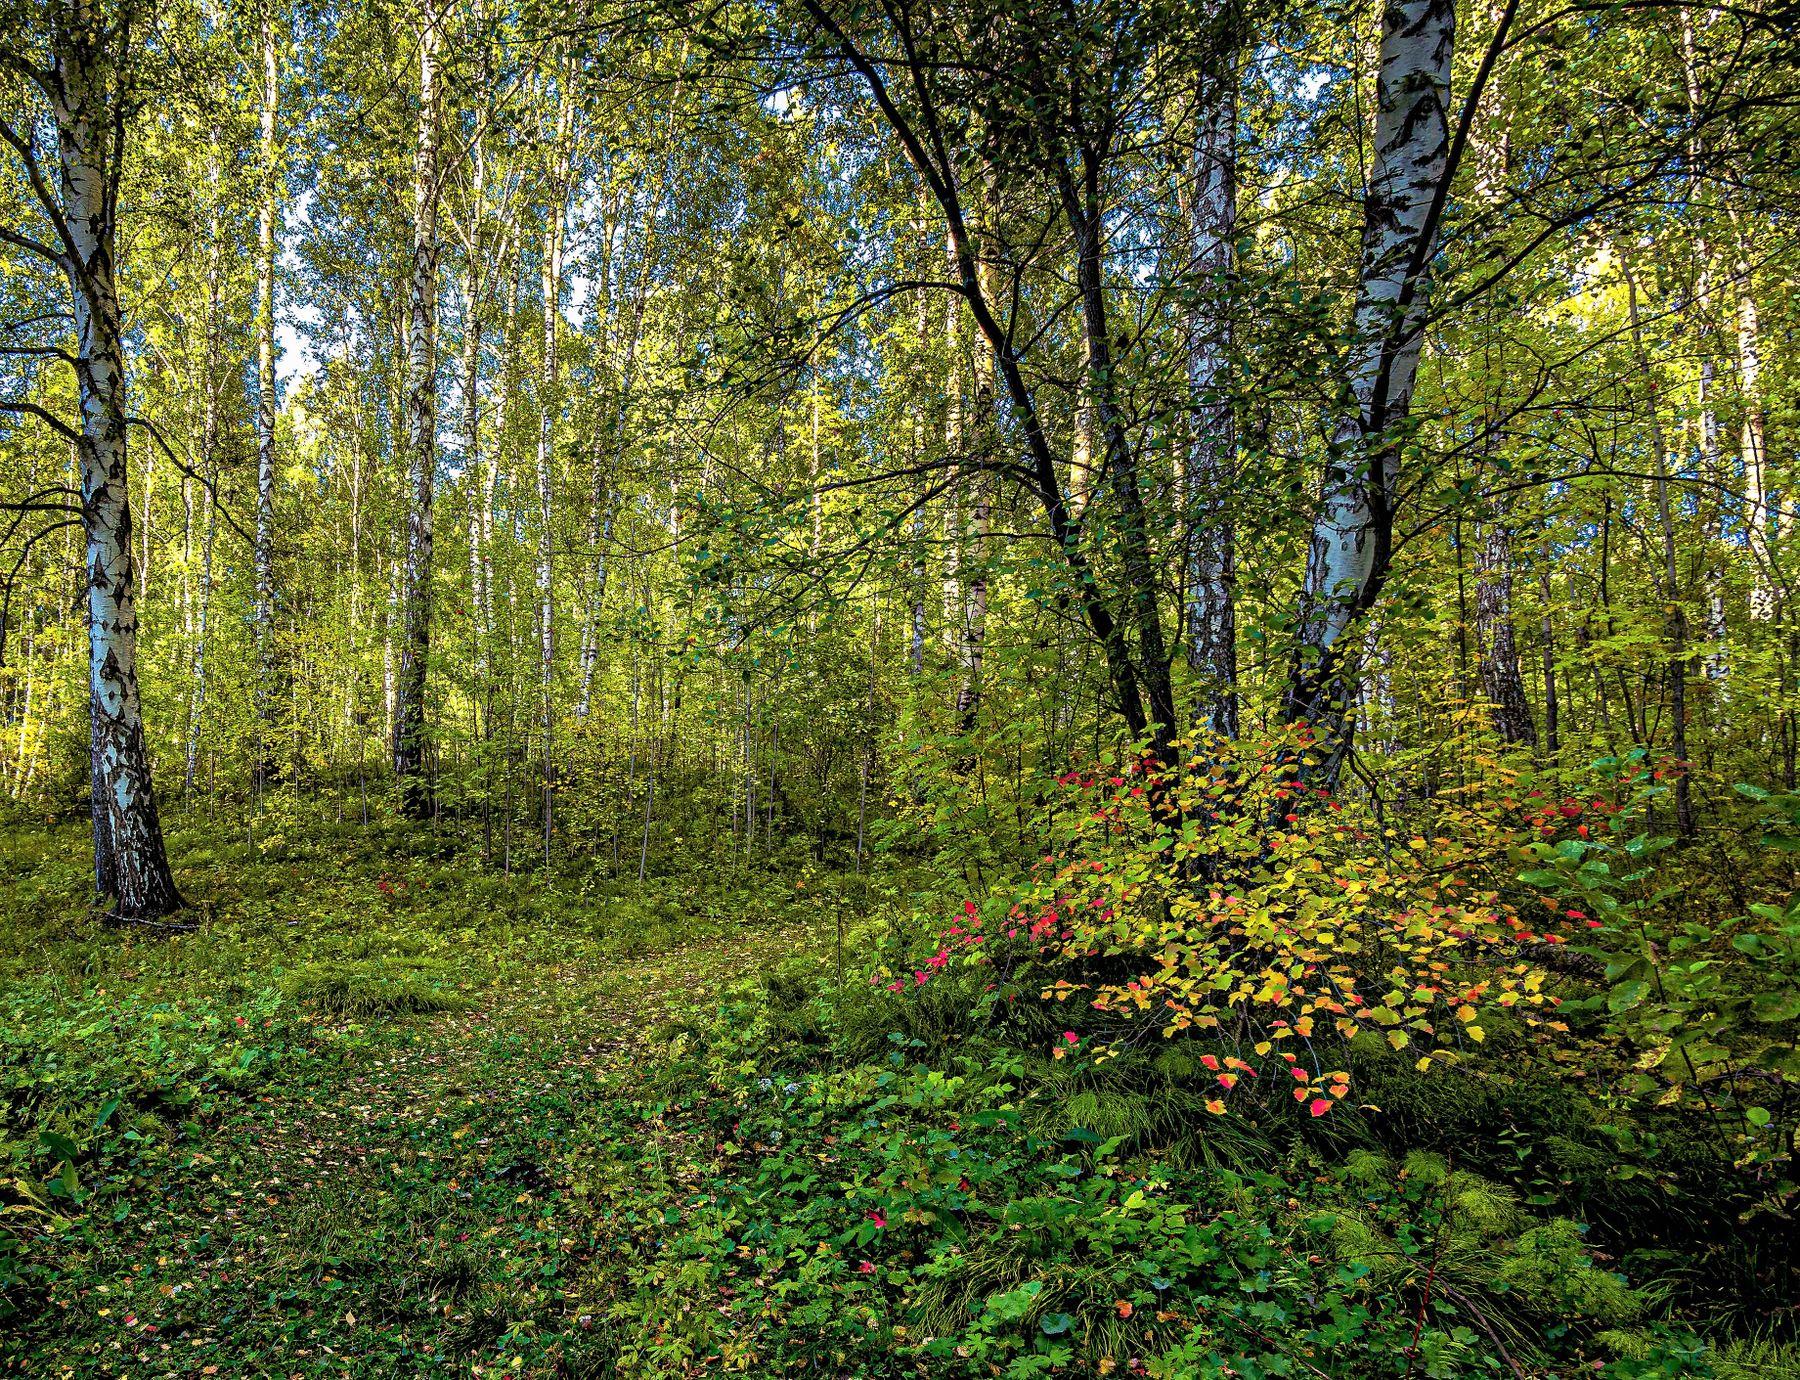 Осень пробует краски Пейзаж лес осень